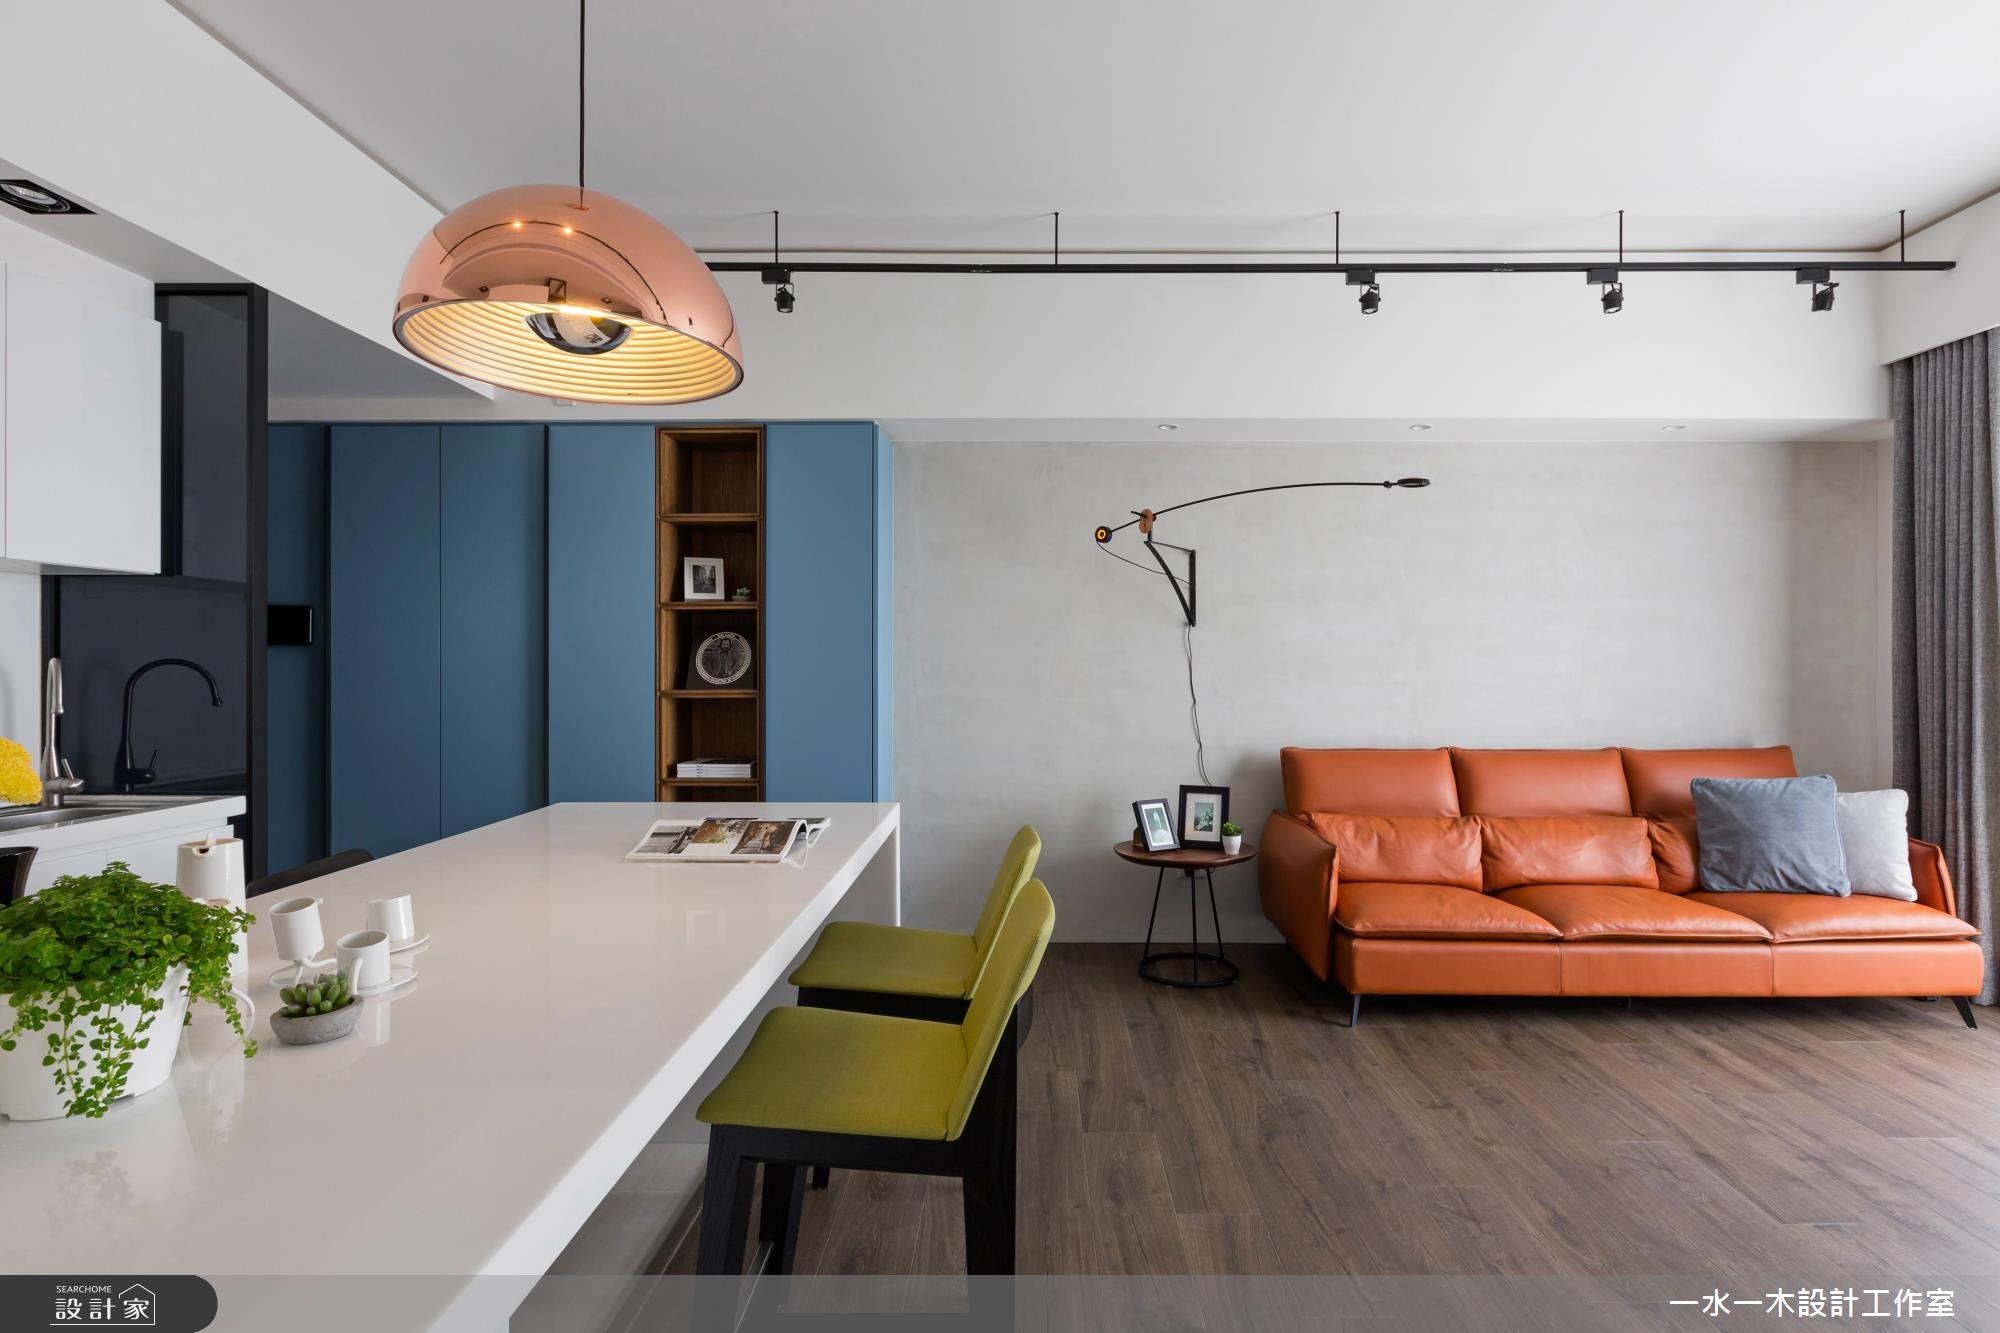 23坪新成屋(5年以下)_工業風餐廳案例圖片_一水一木設計工作室_一水一木_34之7